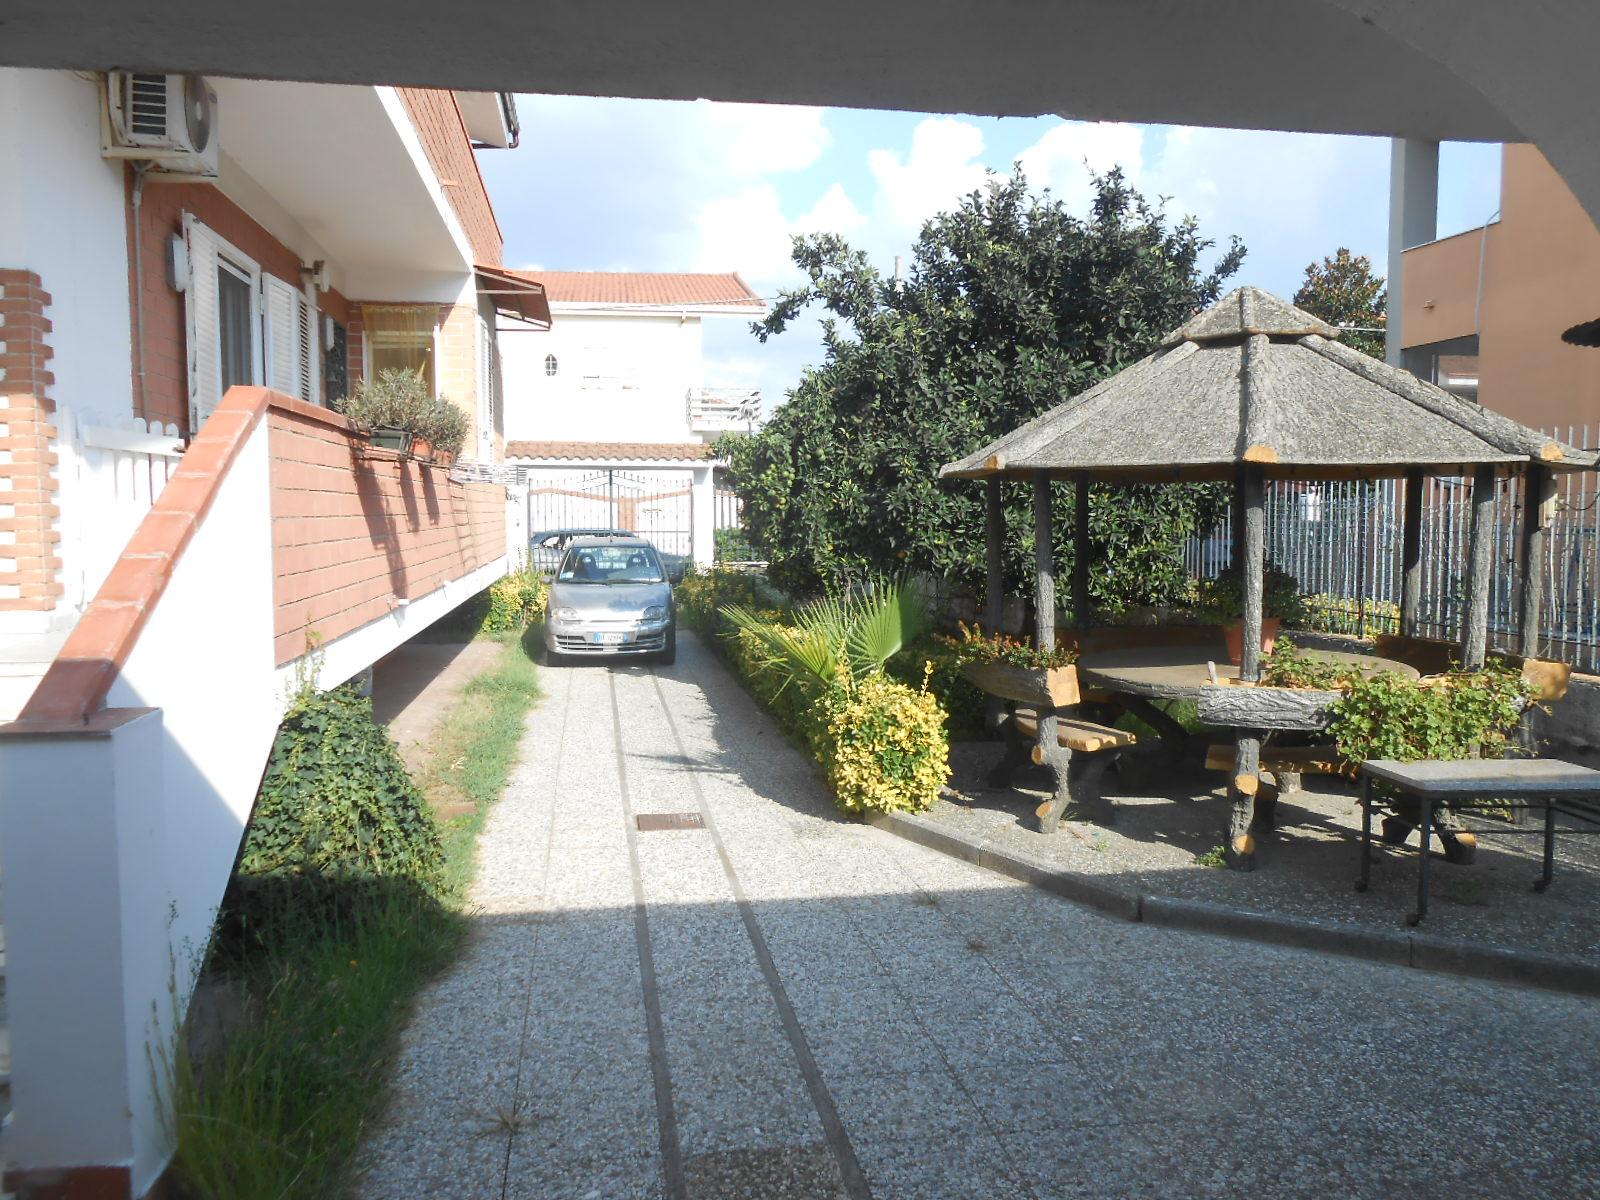 VILLA DIVISA IN 2 APPARTAMENTI IN PARCO Varcaturo Centro